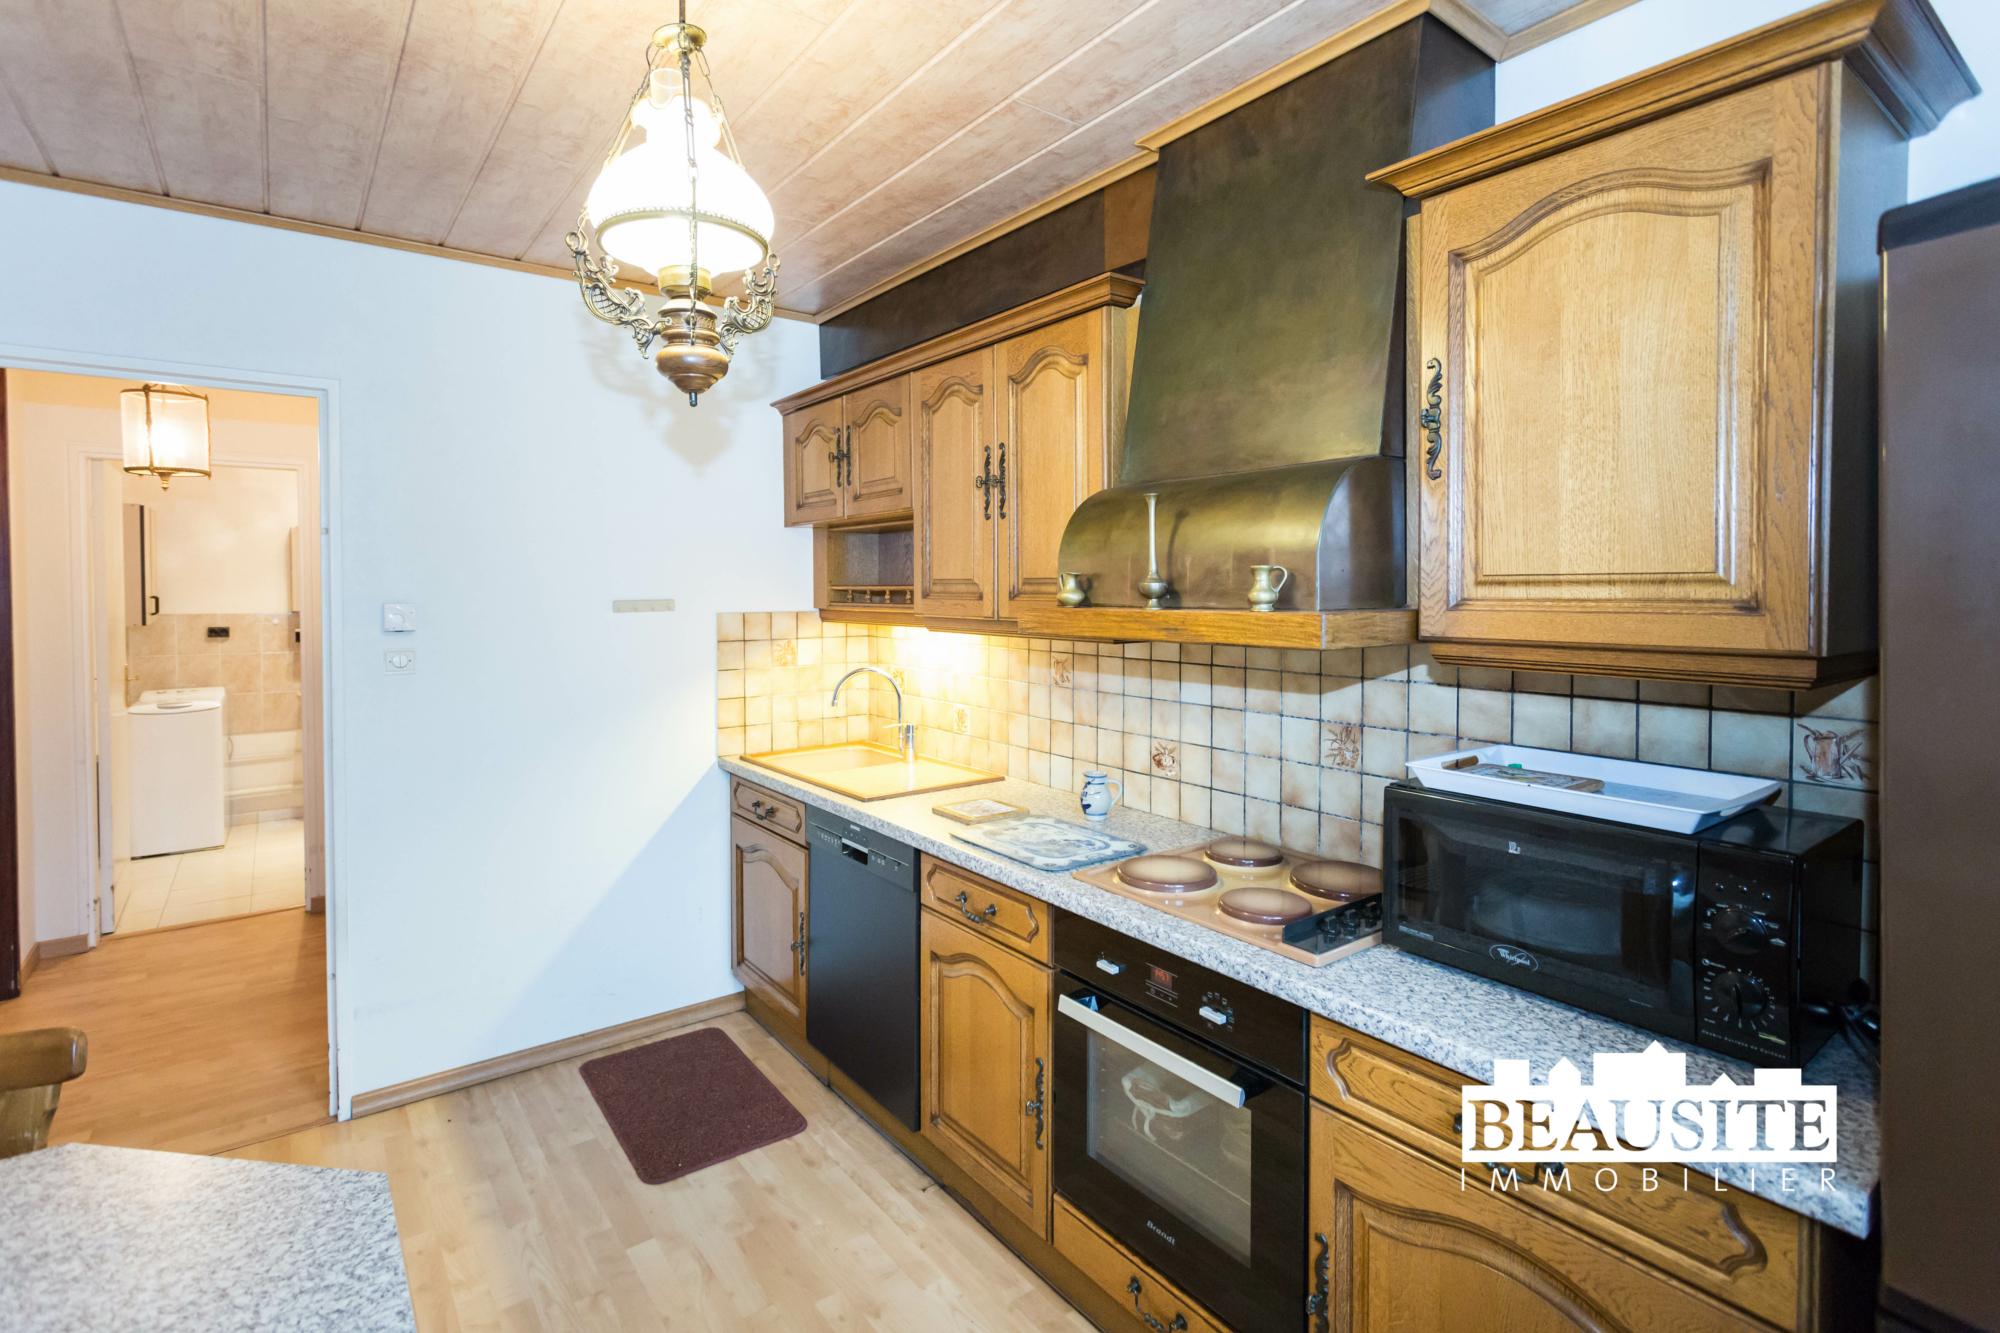 [Tonton] Un appartement familial avec balcon et garage - Neudorf / rue Saint-Amarin - nos ventes - Beausite Immobilier 12